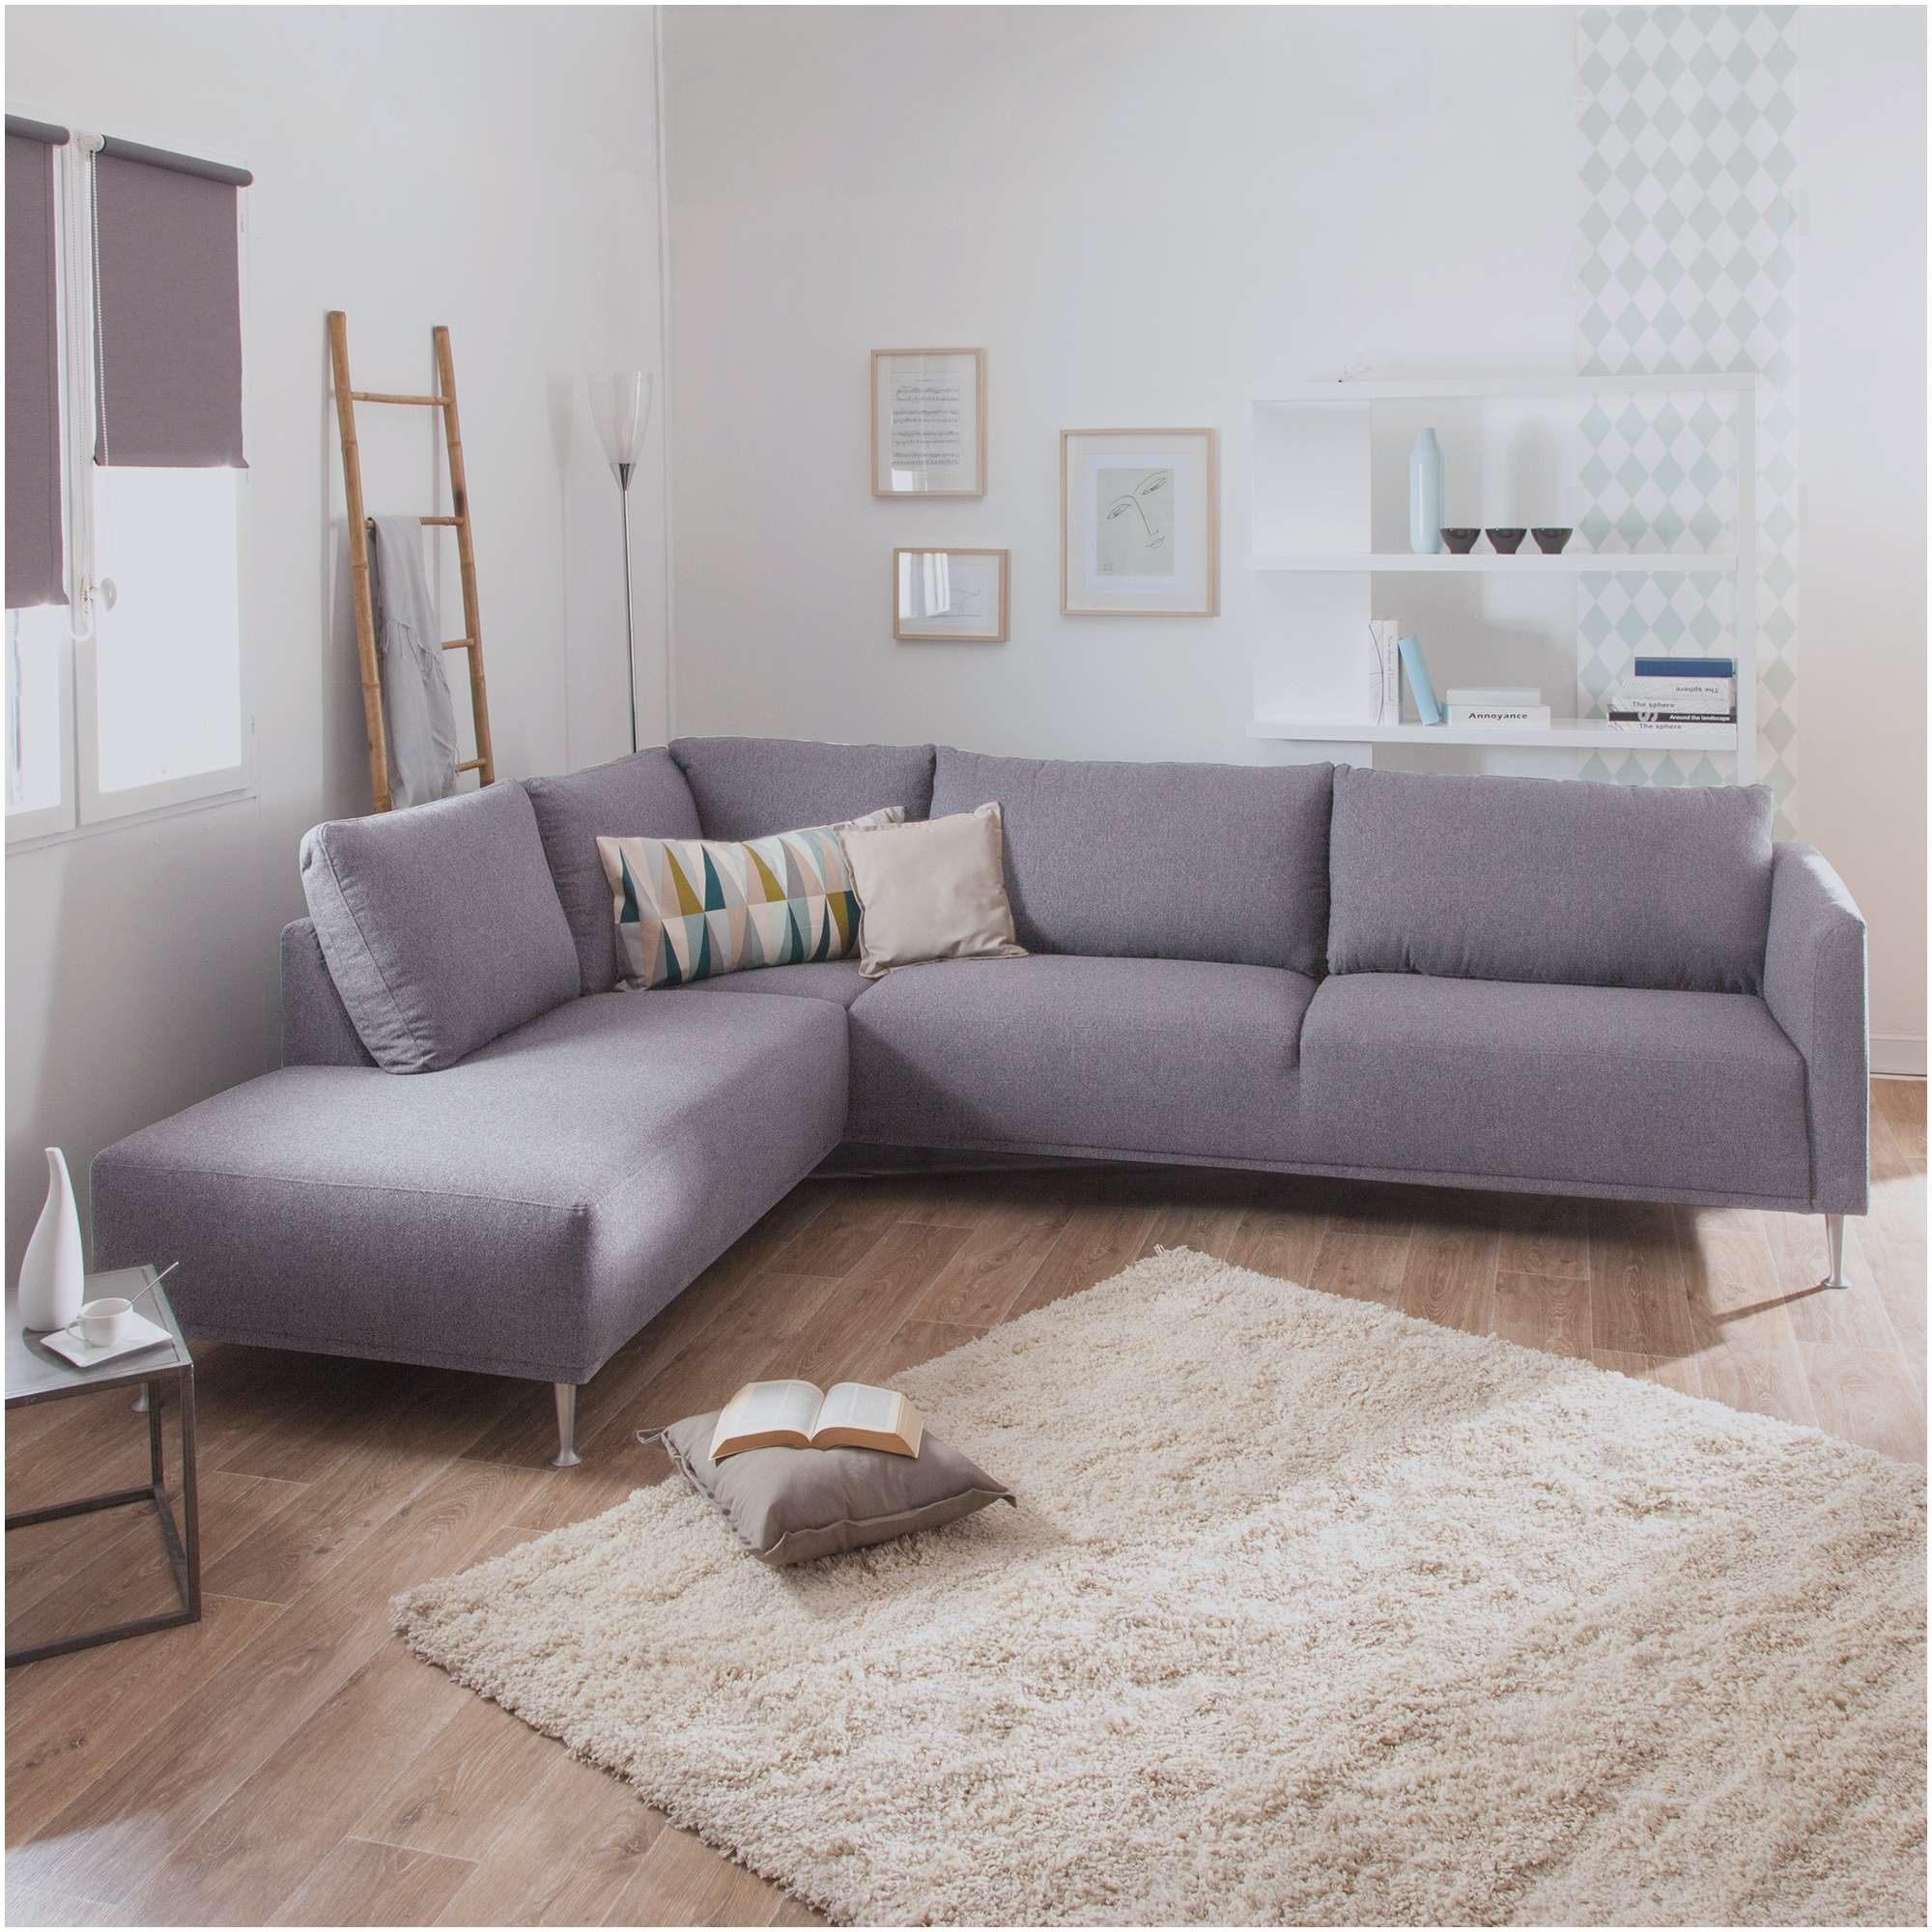 Canapé Lit Confortable De Luxe Unique Canapé Angle Habitat Luxe S Canap Simili Cuir Marron 27 C3 A9